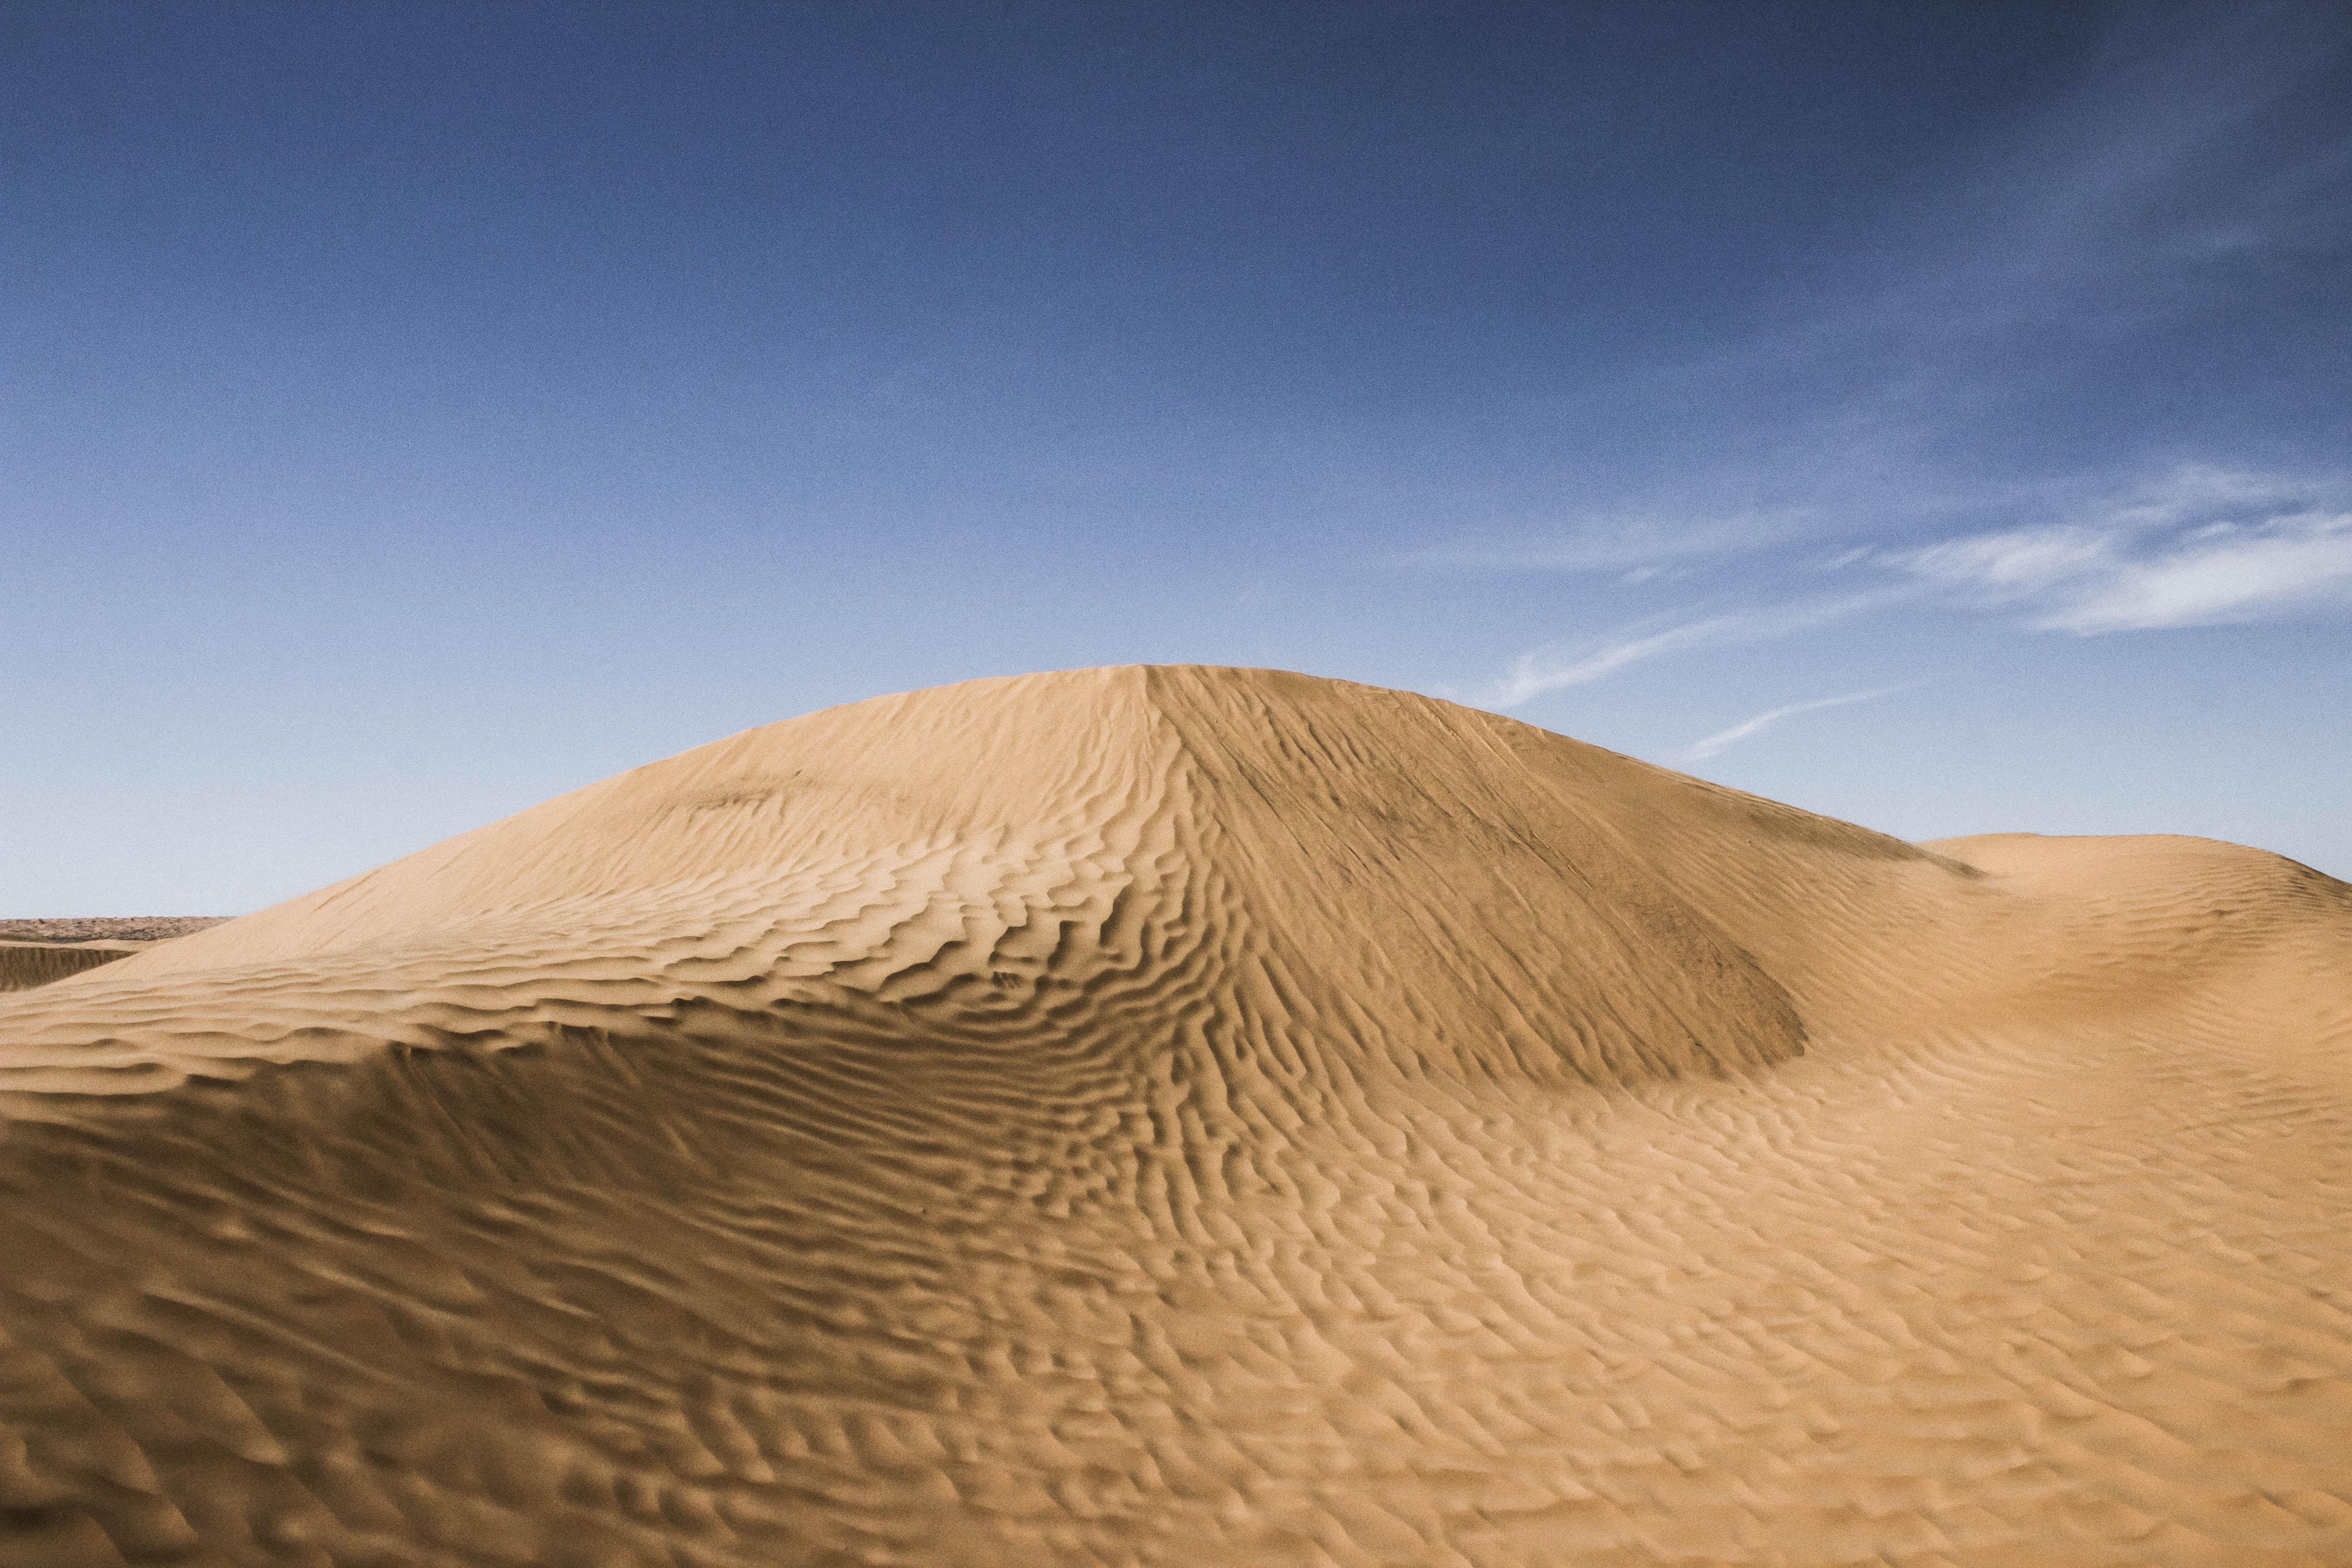 Sand ripples in the barren land of Ksar Ghilane desert